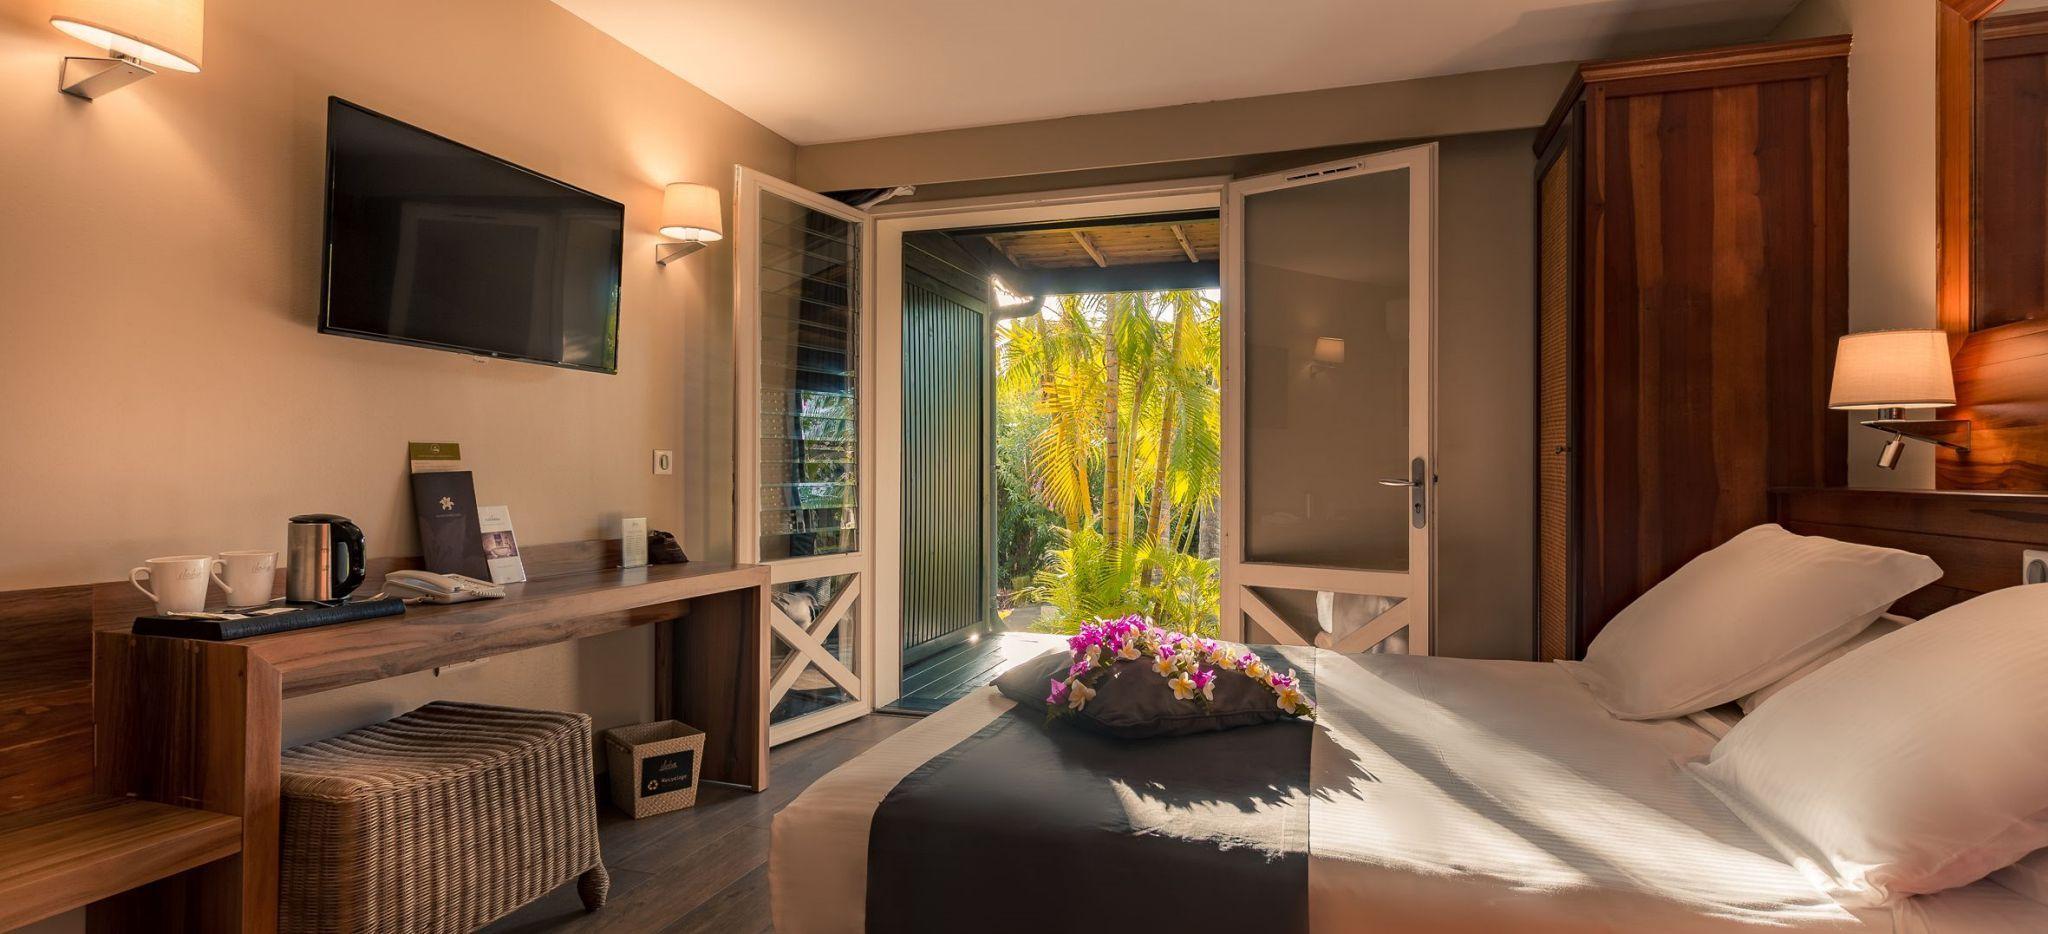 Ein Hotelzimmer mit Blick auf einen Garten